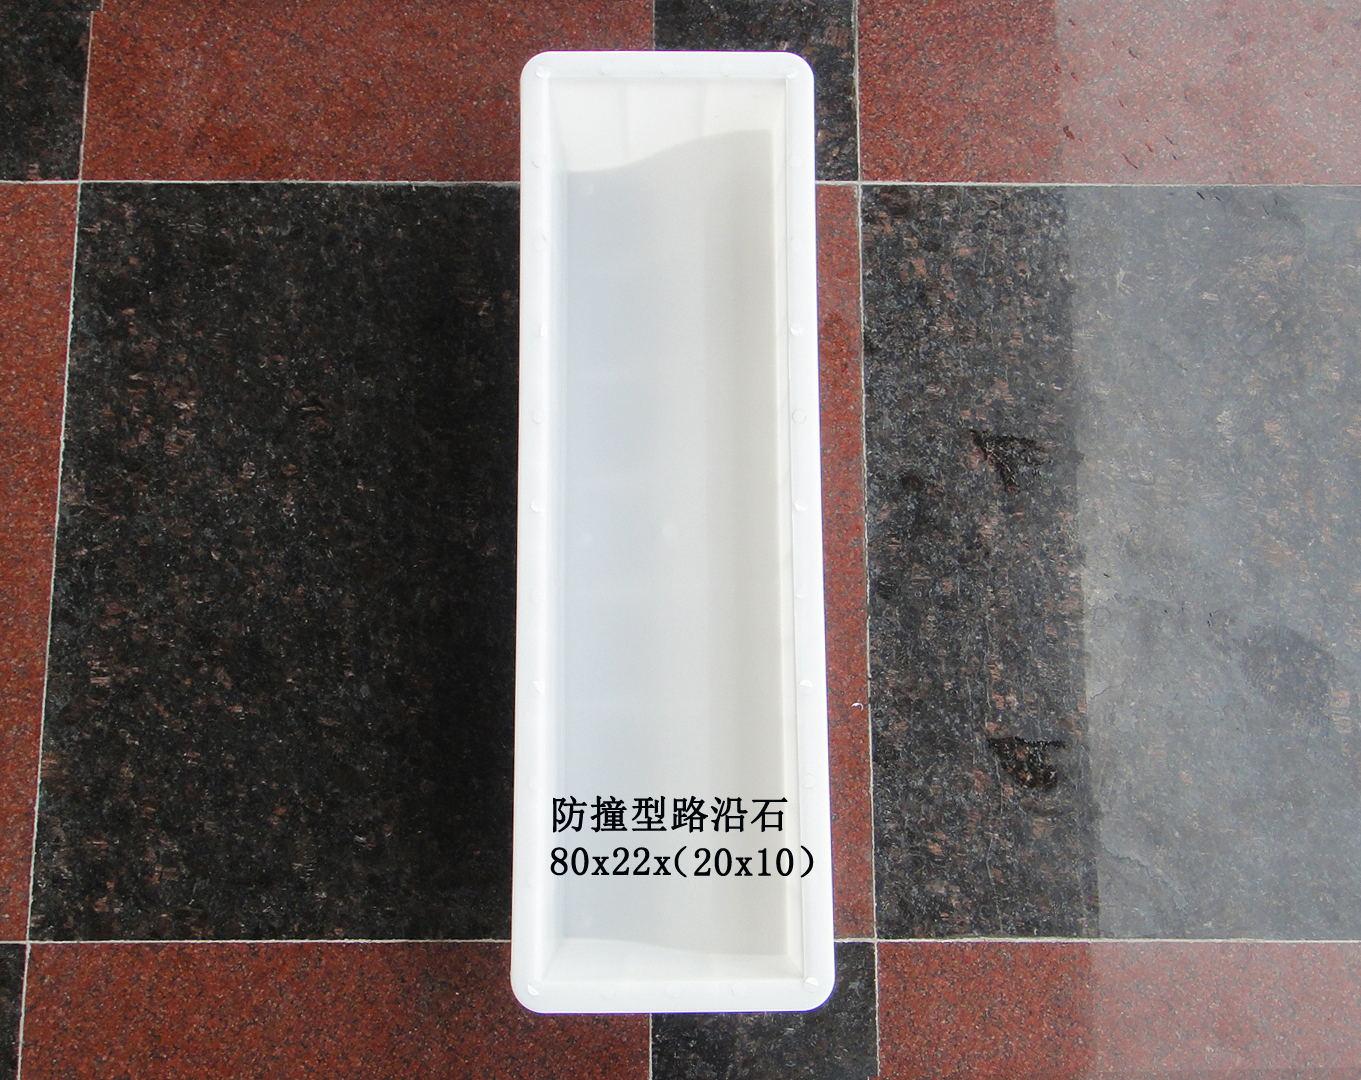 防撞型路沿石:80x22x(20x10)